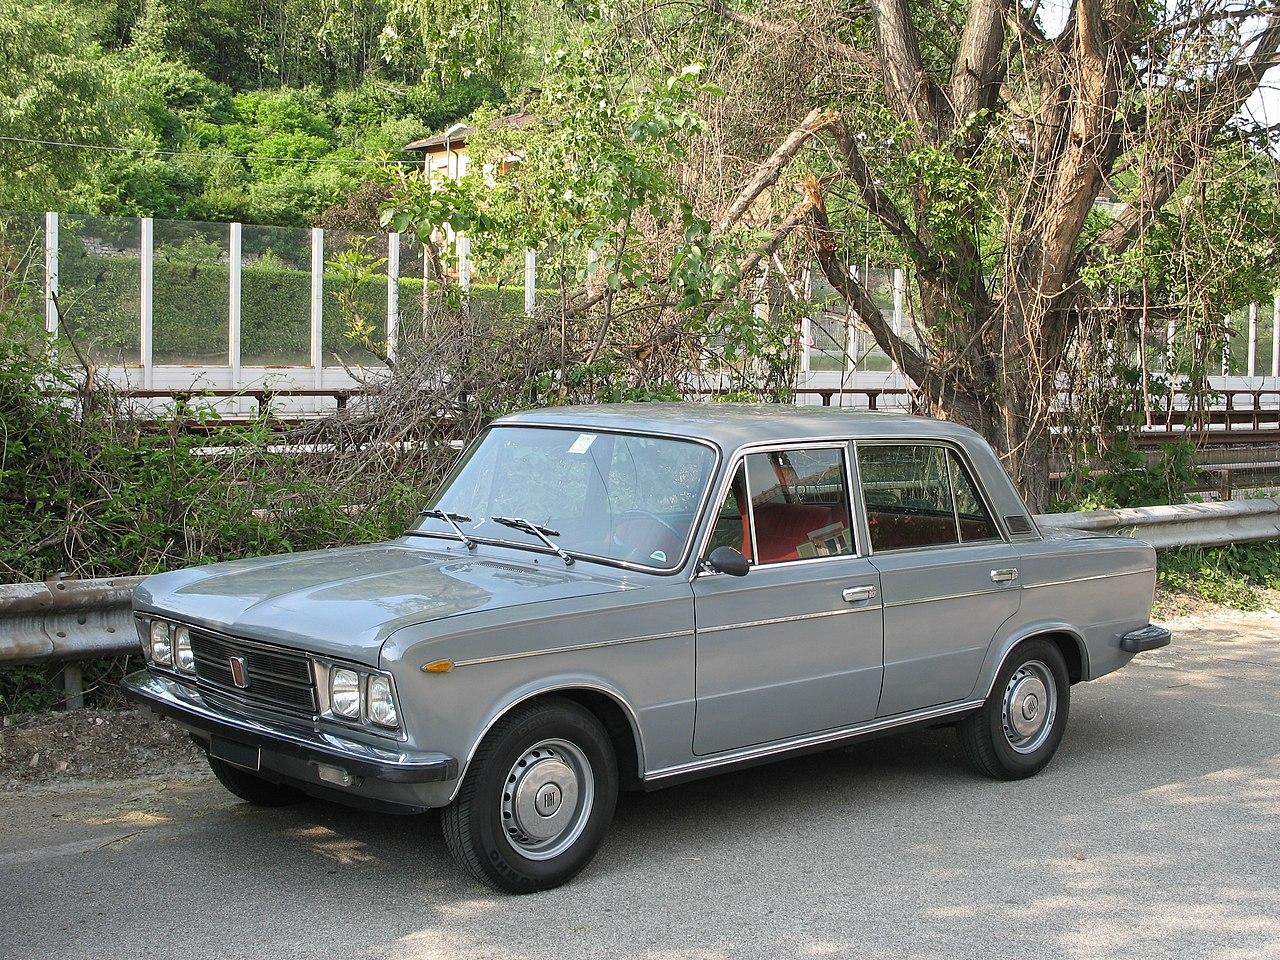 1280px-Fiat_125.jpg